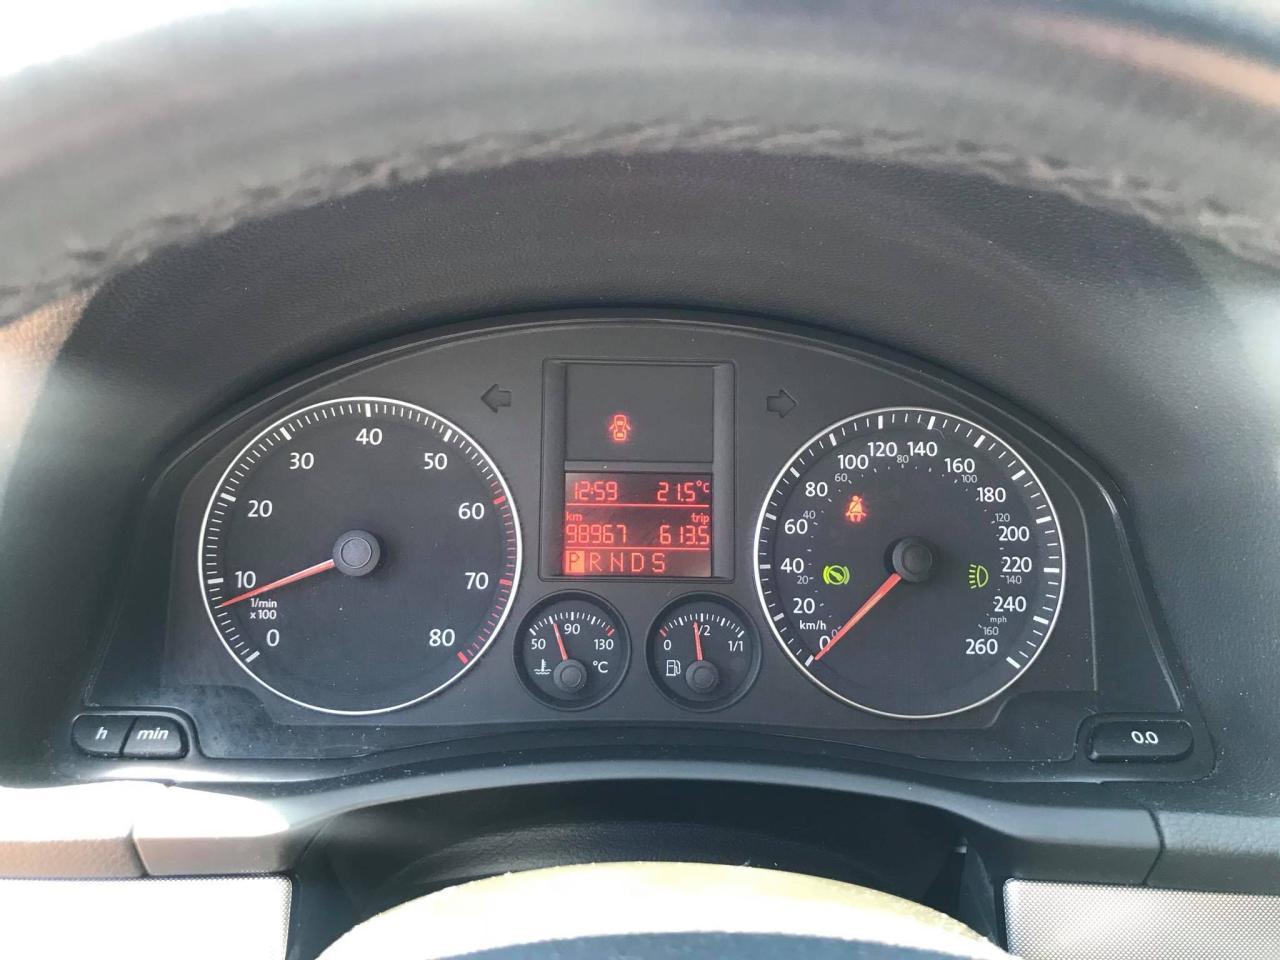 2007 Volkswagen Jetta | Serena Motors Ltd